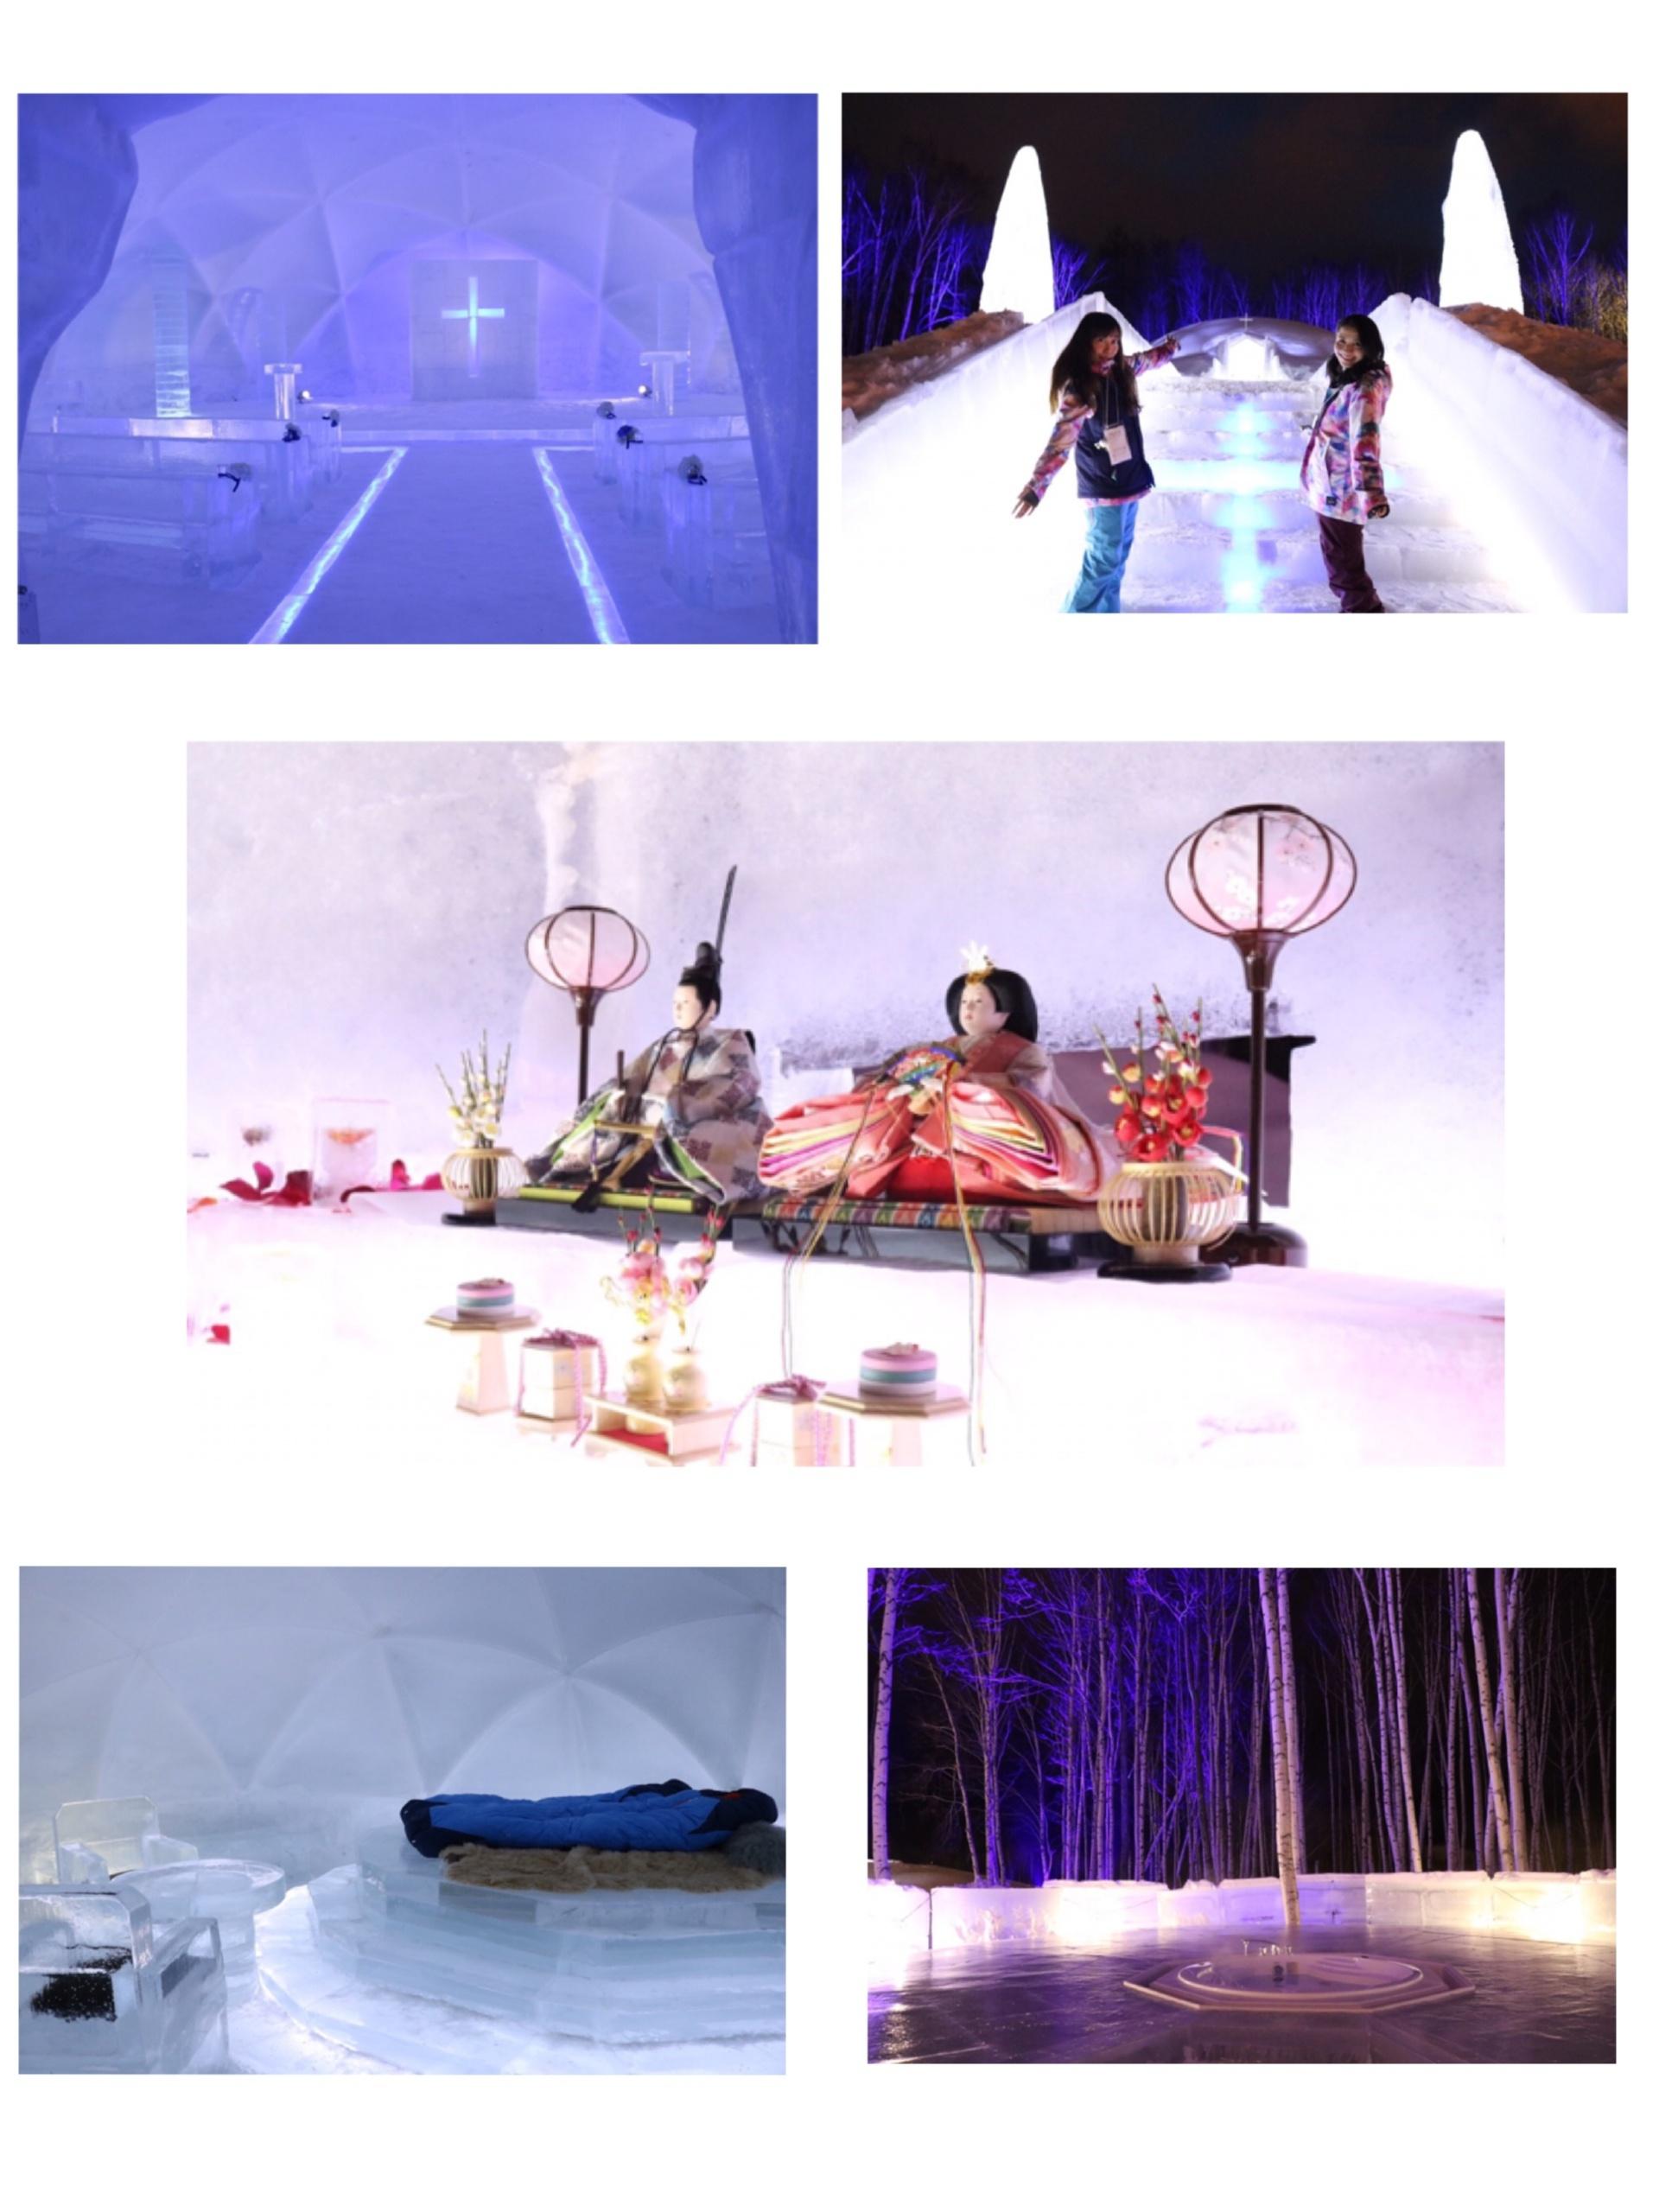 ♡女子旅はやっぱり星野リゾート♡  「リゾナーレトマム」へバニラエアで行く【雪ガールキャンプ】_11